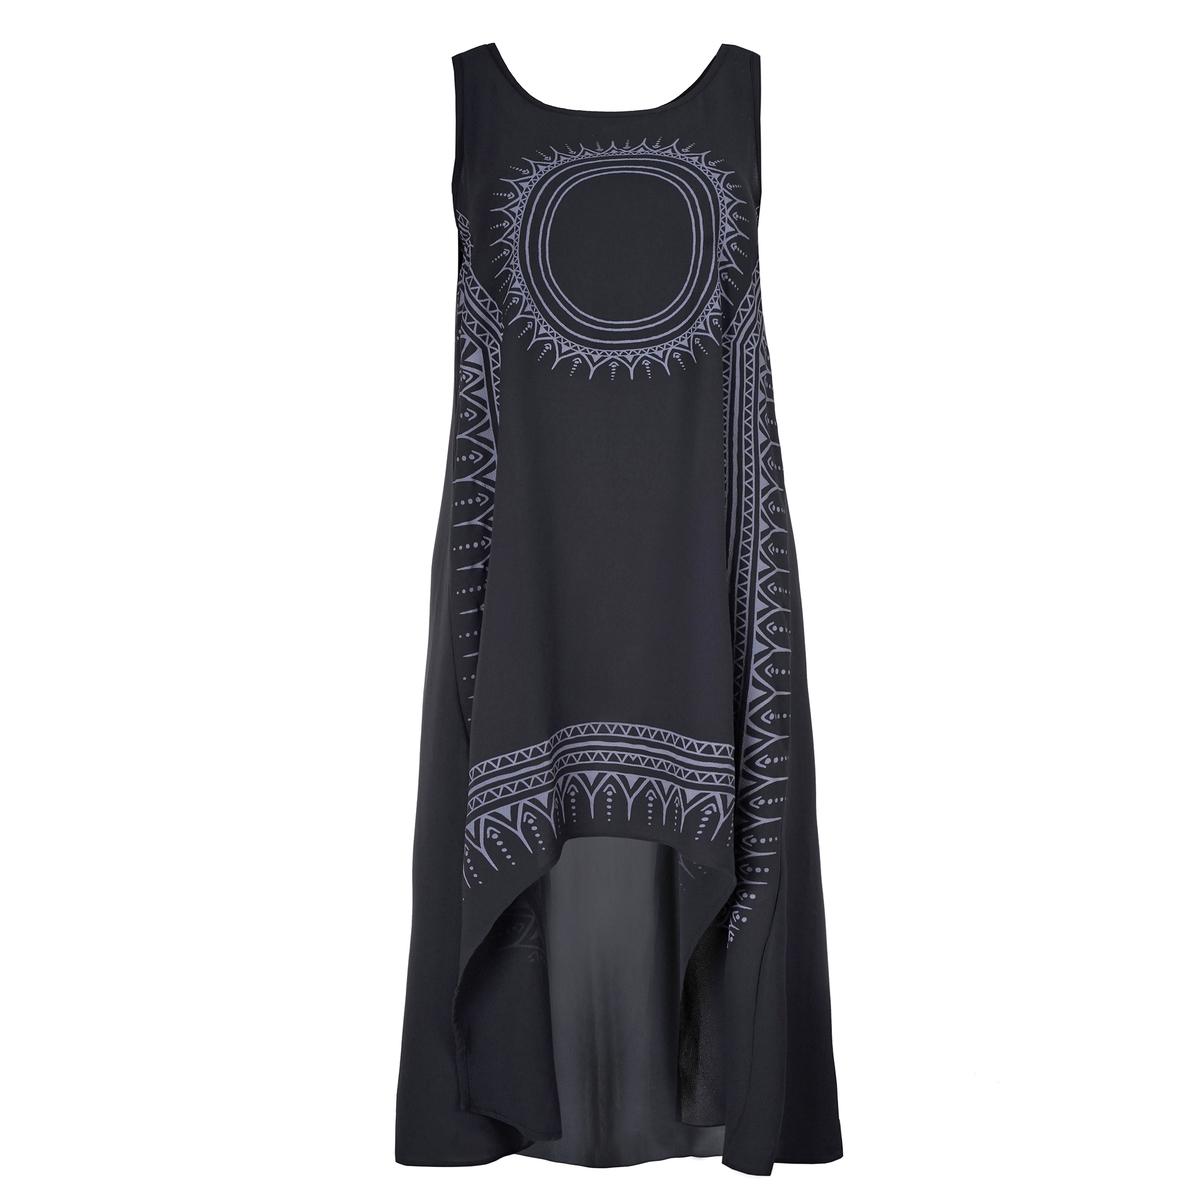 ПлатьеАсимметричное платье без рукавов MAT FASHION. 96% полиэстера, 4% эластана. Асимметричный объемный покрой с рисунком спереди. Без рукавов. Закругленный вырез .<br><br>Цвет: черный